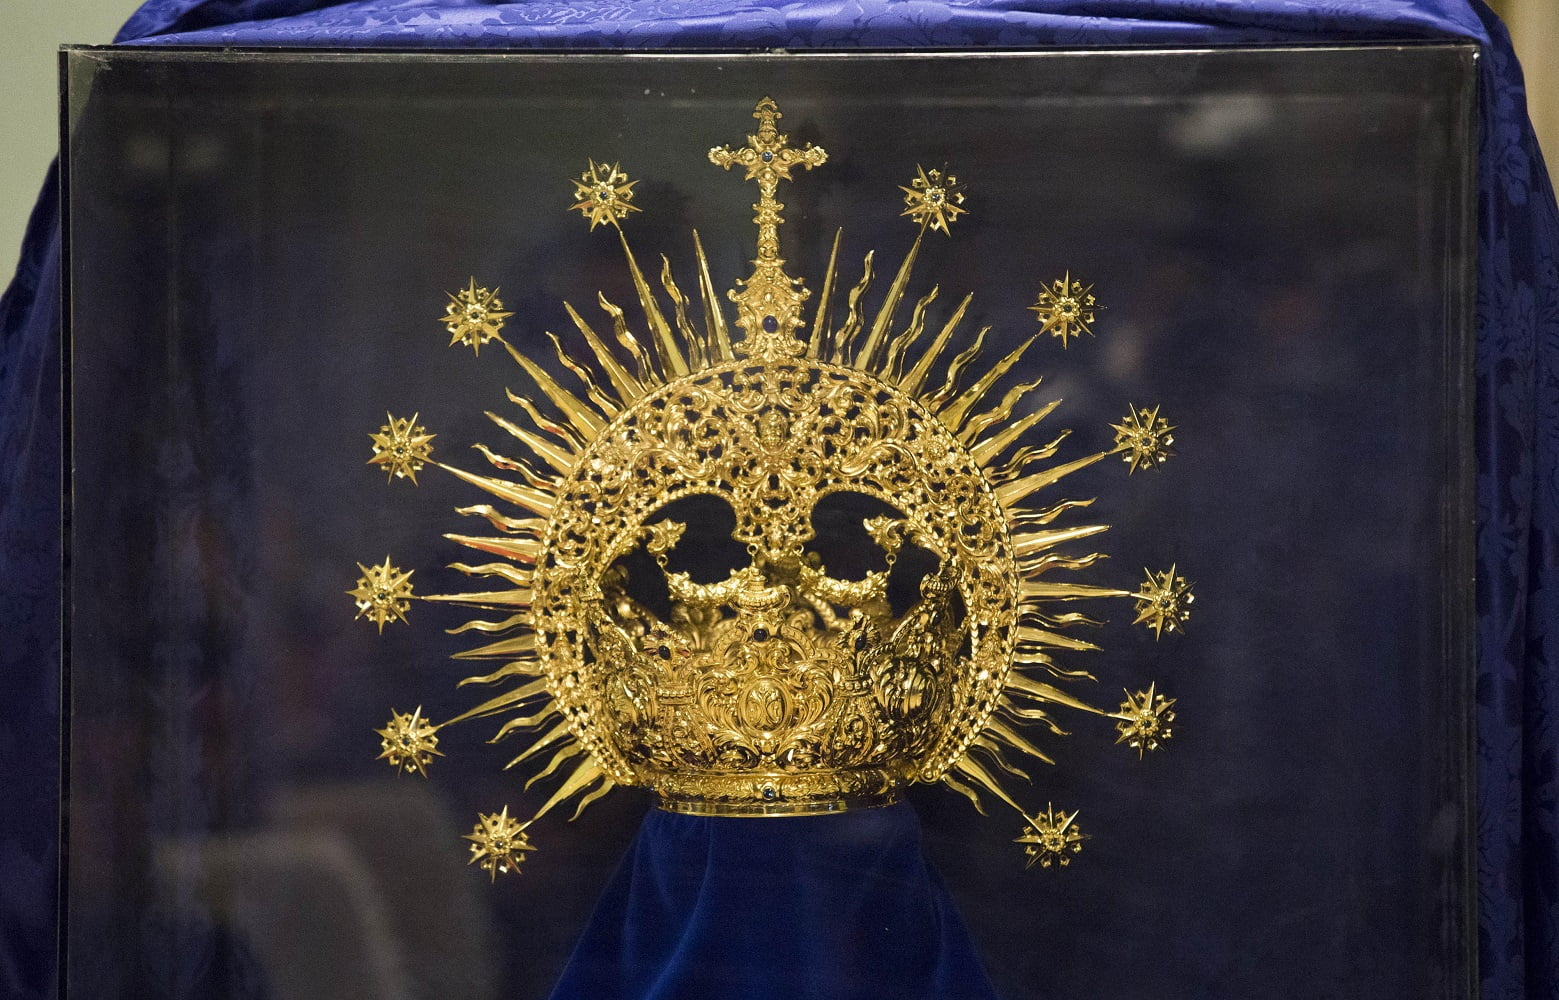 La nueva corona ha sido diseñada por Manuel Fernando Martínez y Juan Gutiérrez de Talleres 'Orfebrería San Juan'